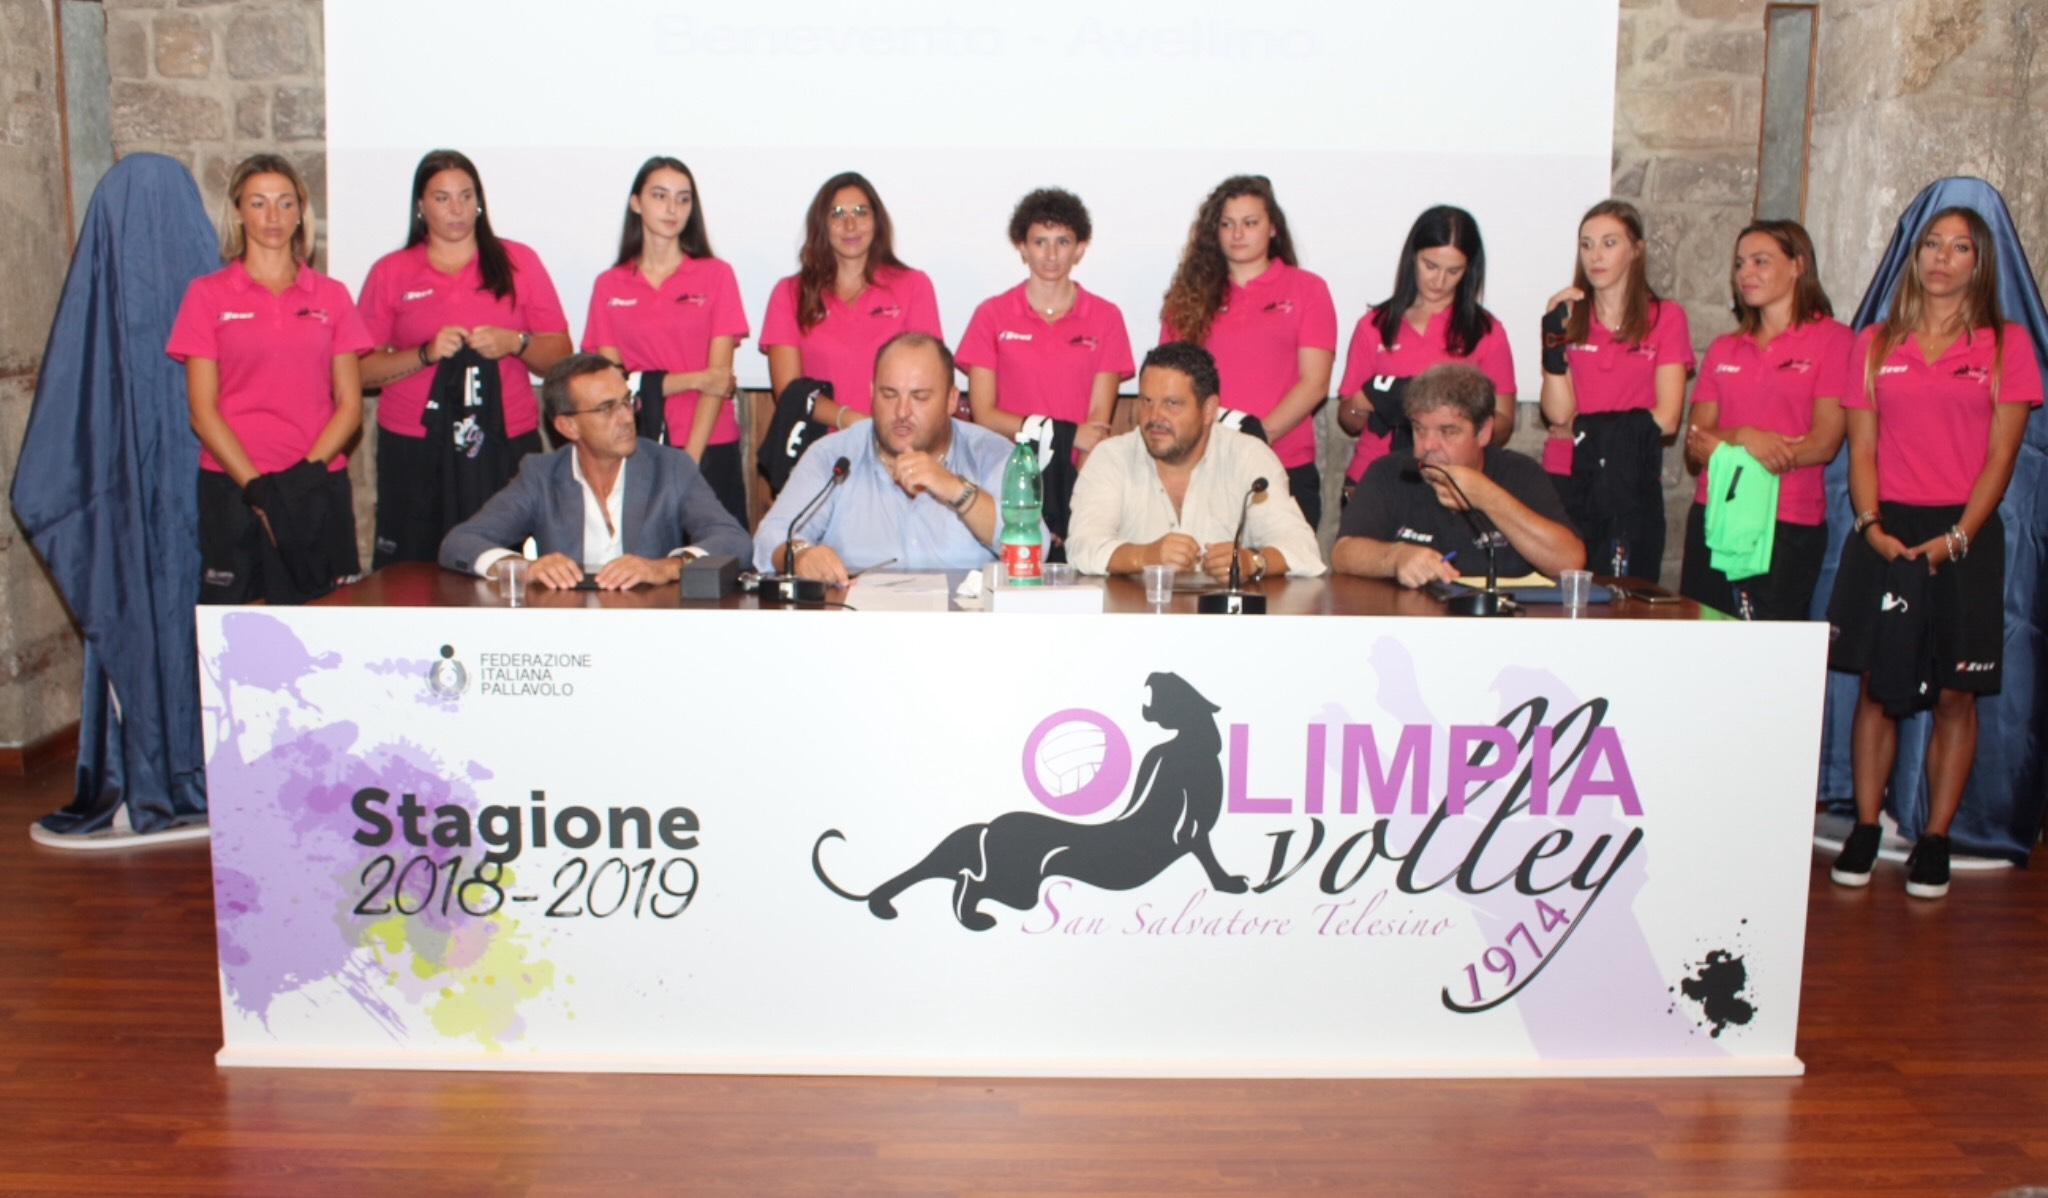 Al via il campionato di Serie C dell'Olimpia Volley. Presentata la nuova maglia e le novità del settore giovanile